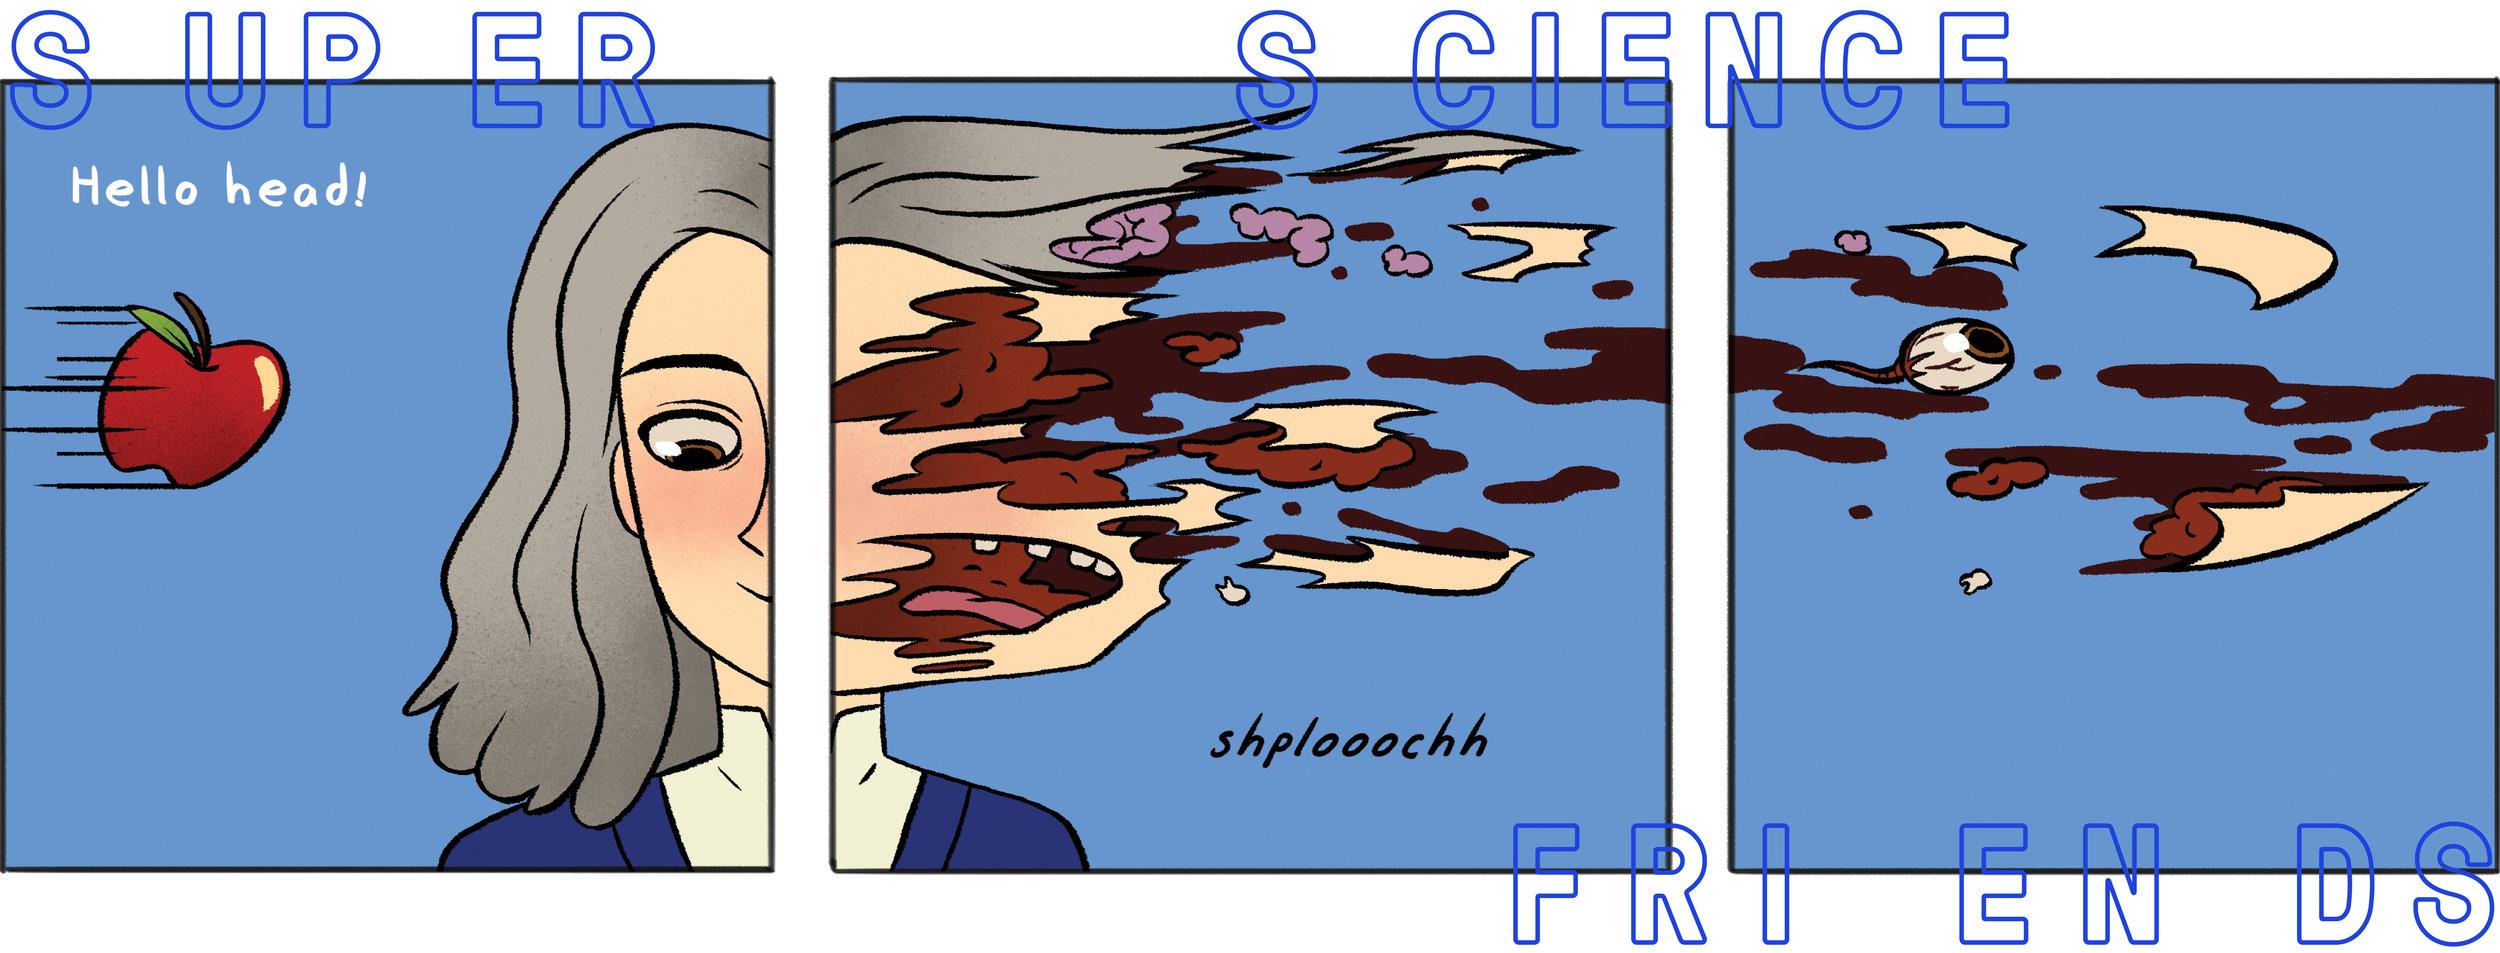 LA_Website_SuperScienceFriends-04.jpg